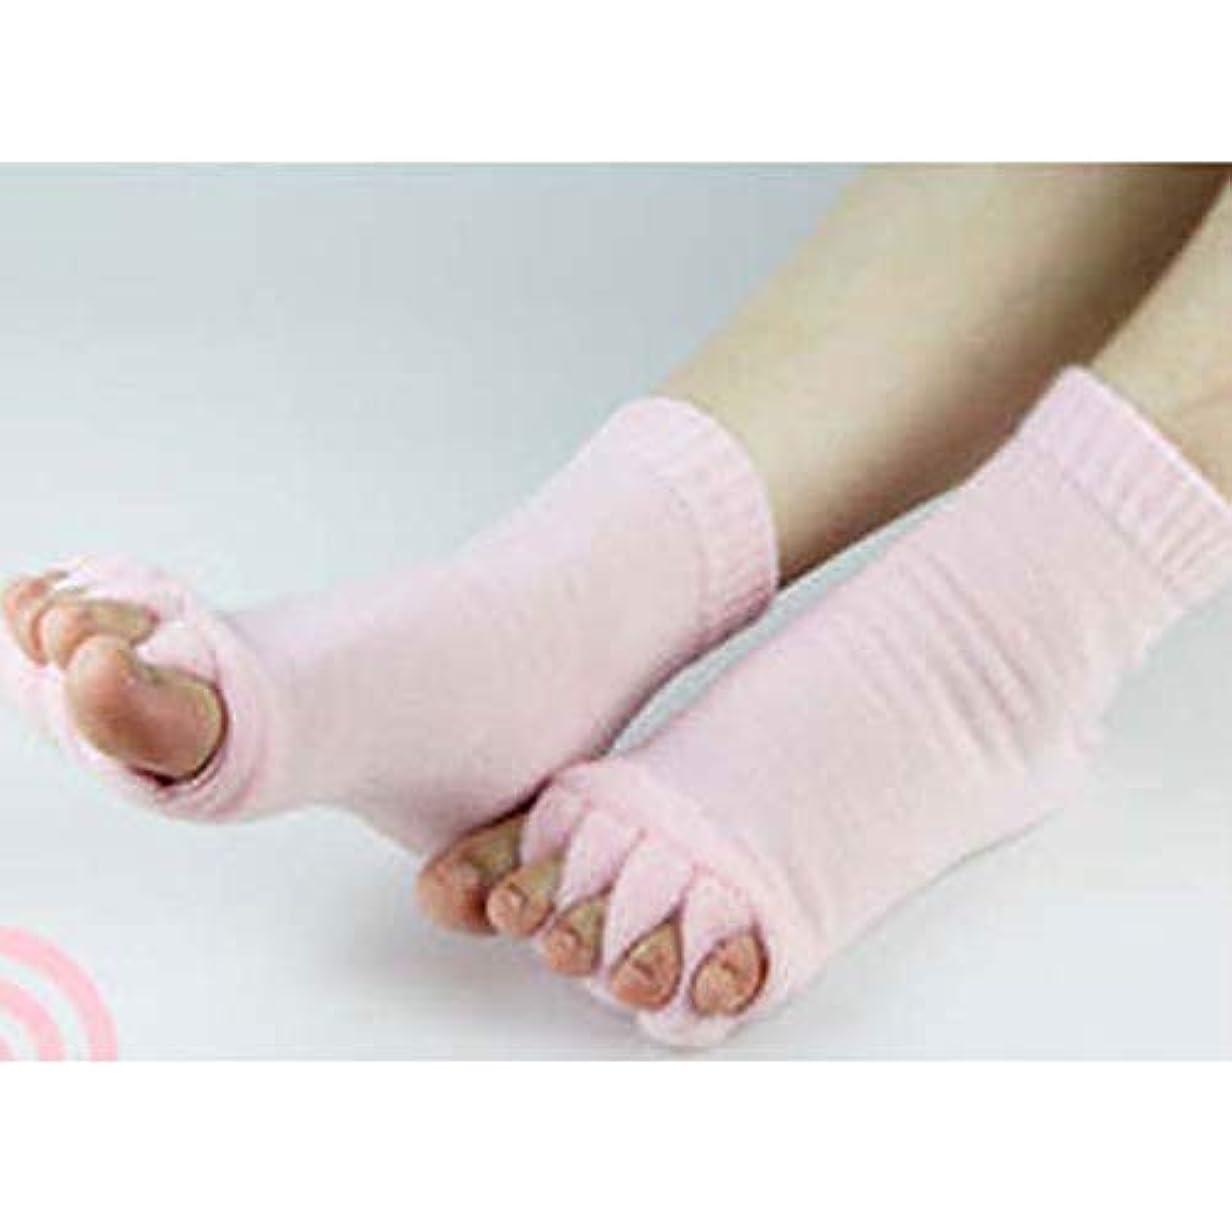 達成彼女の後者足指スリーピングソックス 足指セラピー ピンク